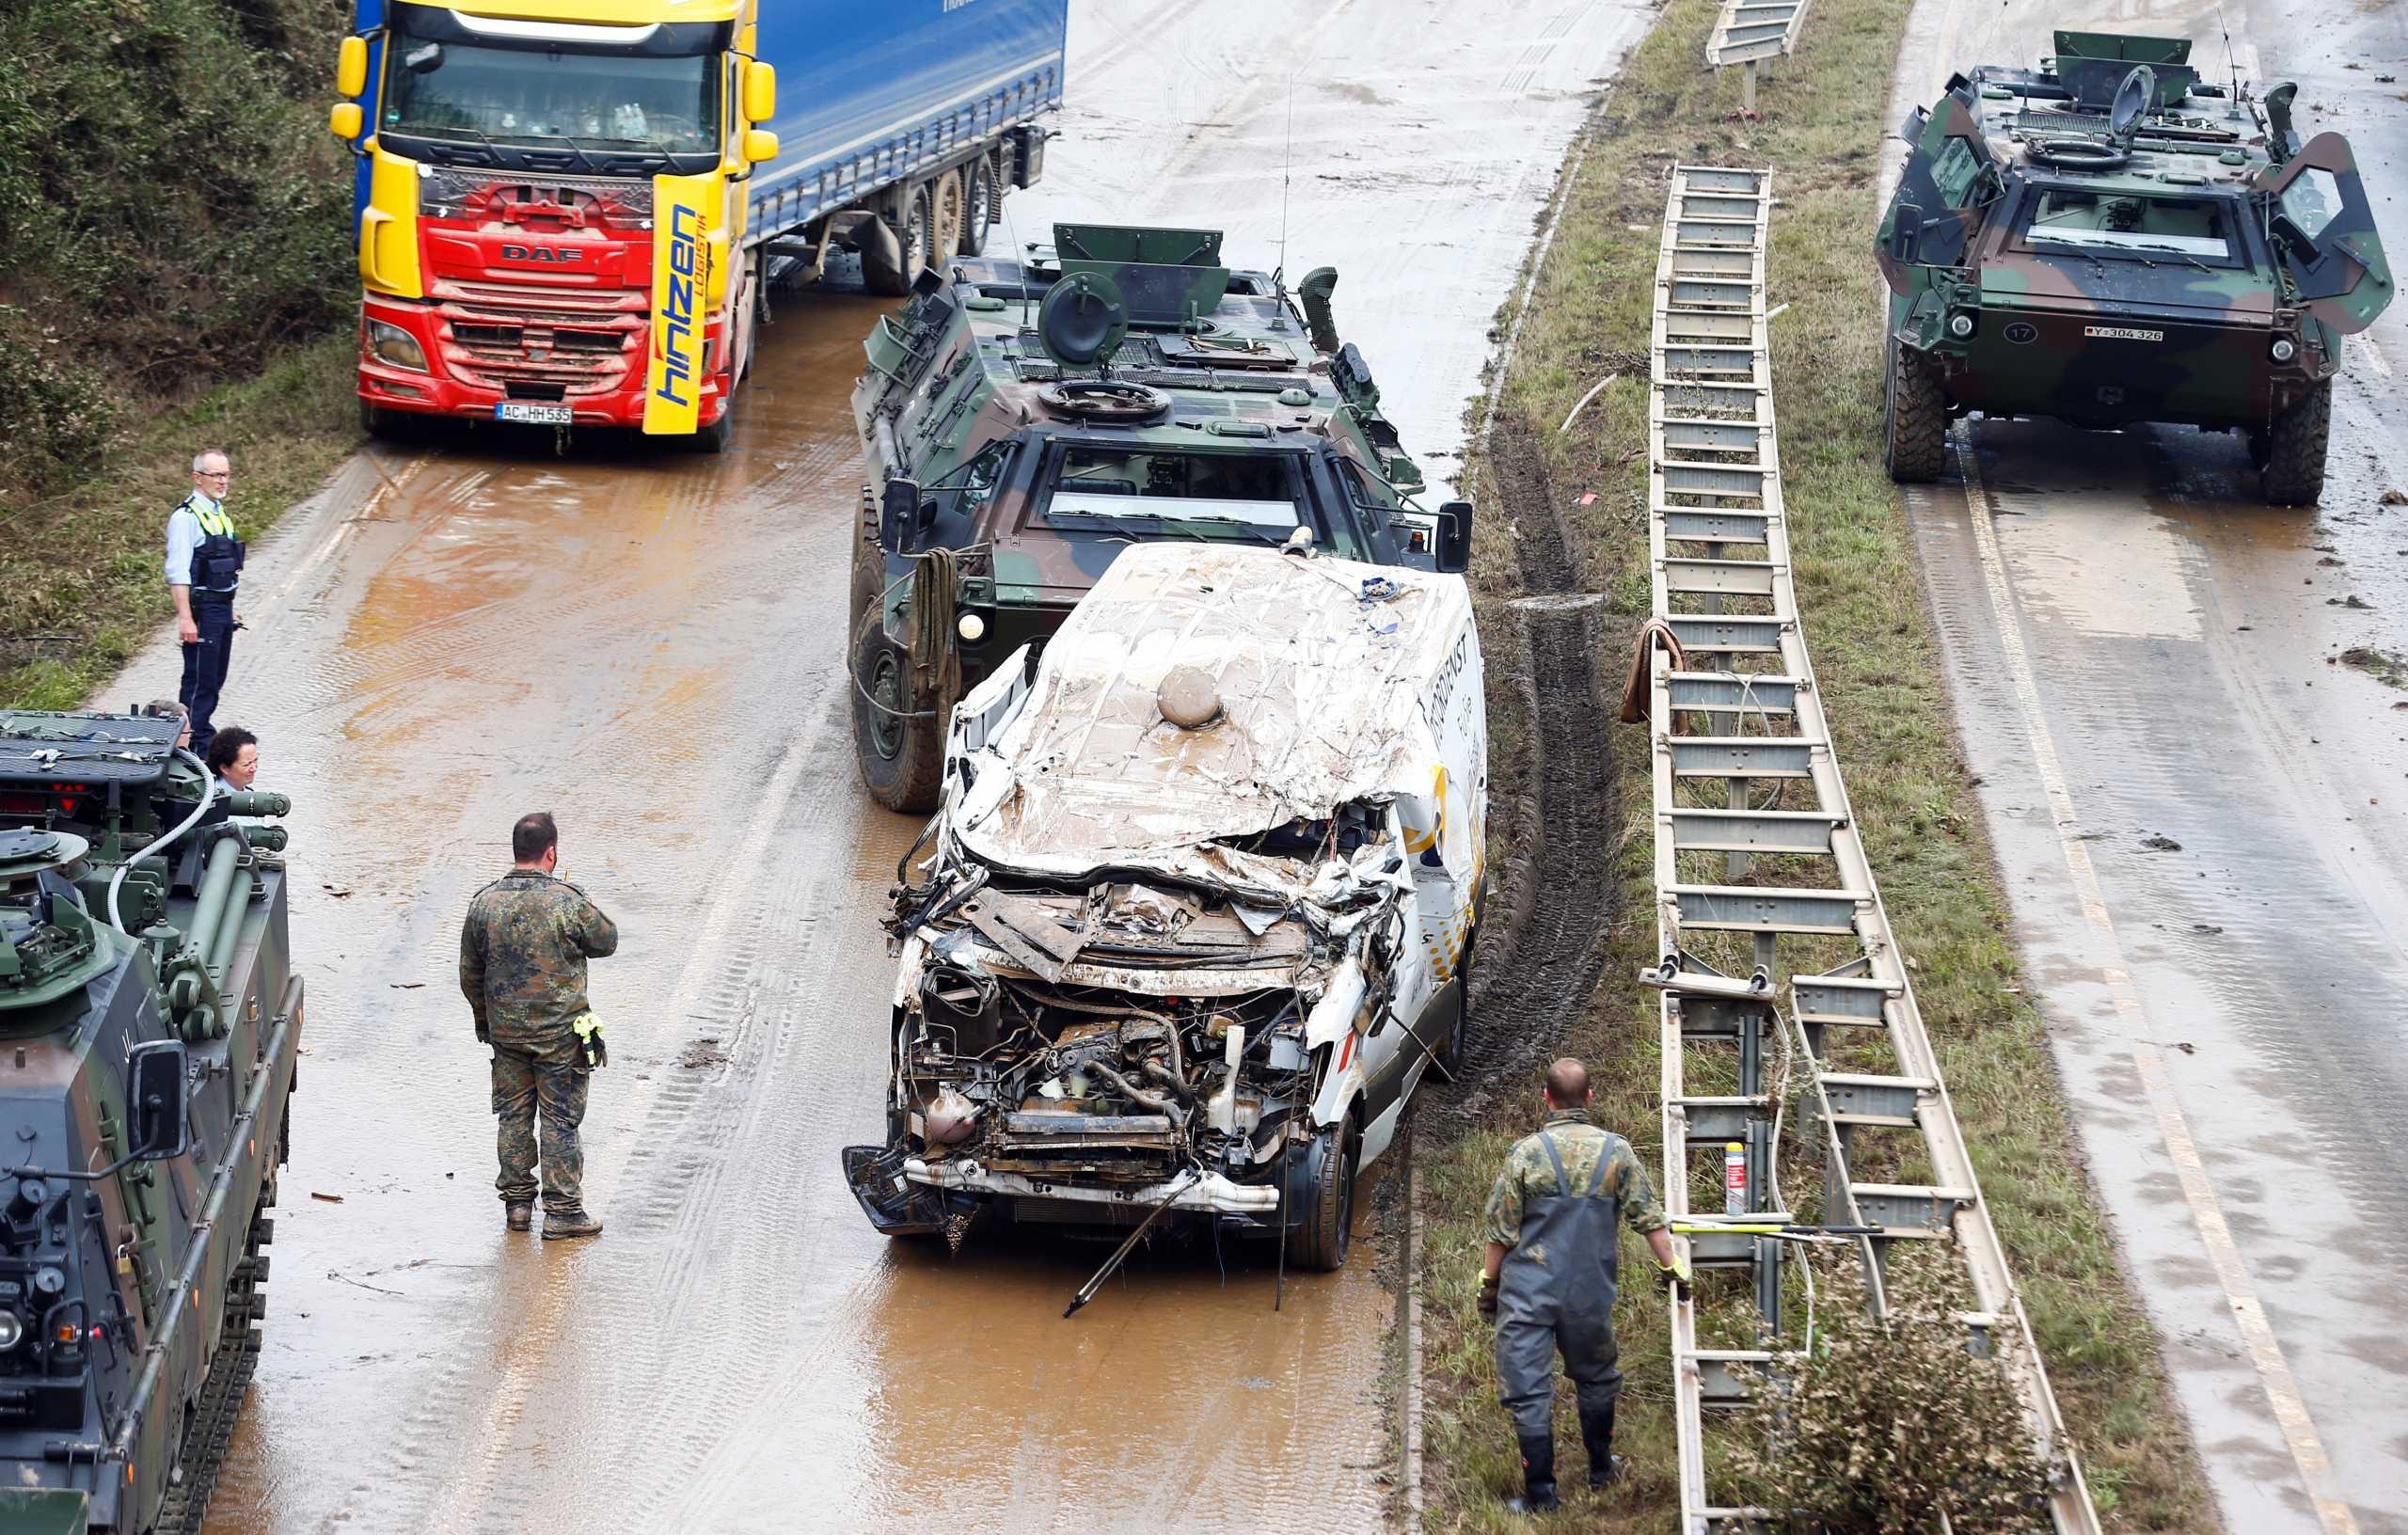 Γερμανία – πλημμύρες: «Μπαλάκι» οι ευθύνες ανάμεσα σε κυβέρνηση και κρατίδια